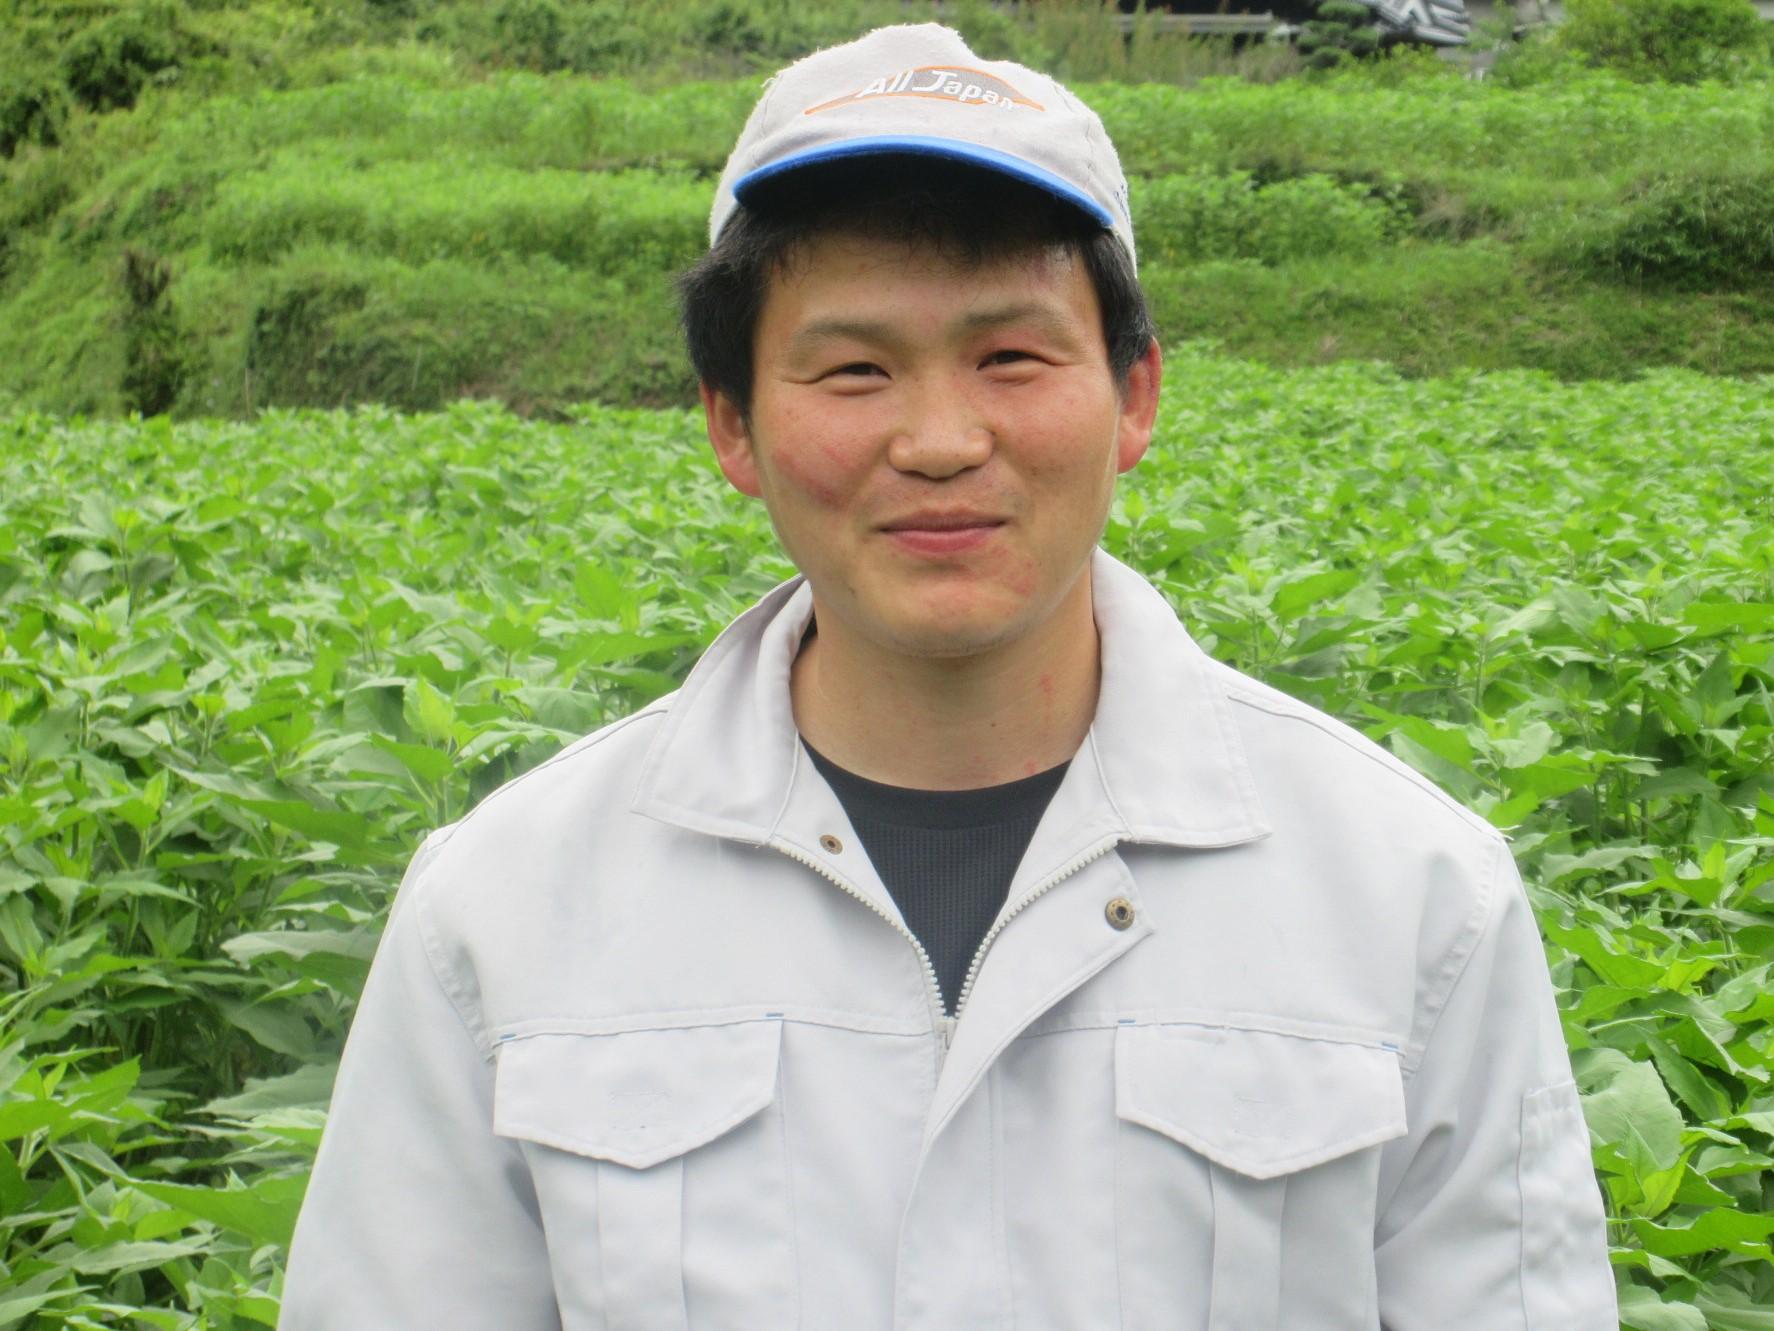 ふるさとの農地を守る 和歌山県印南町